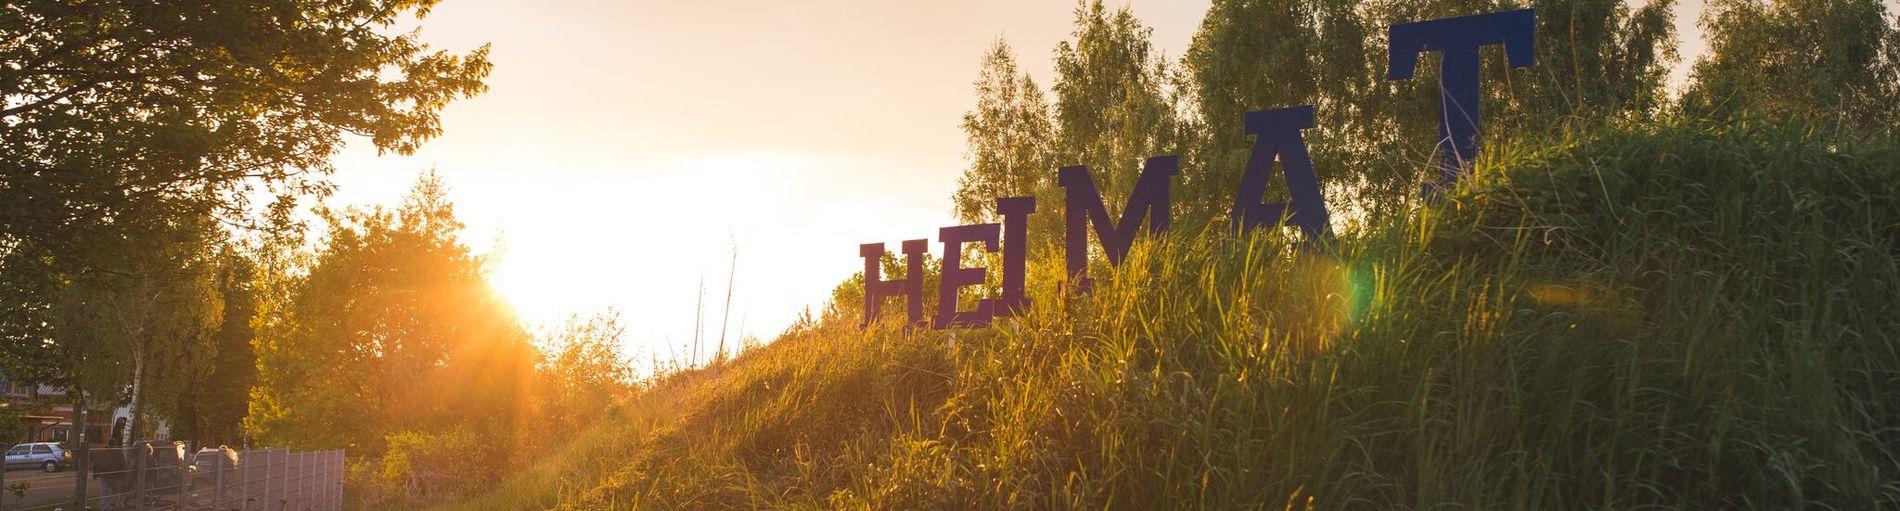 """Große Buchstaben stehen auf einer Wiese und bilden das Wort """"Heimat"""""""